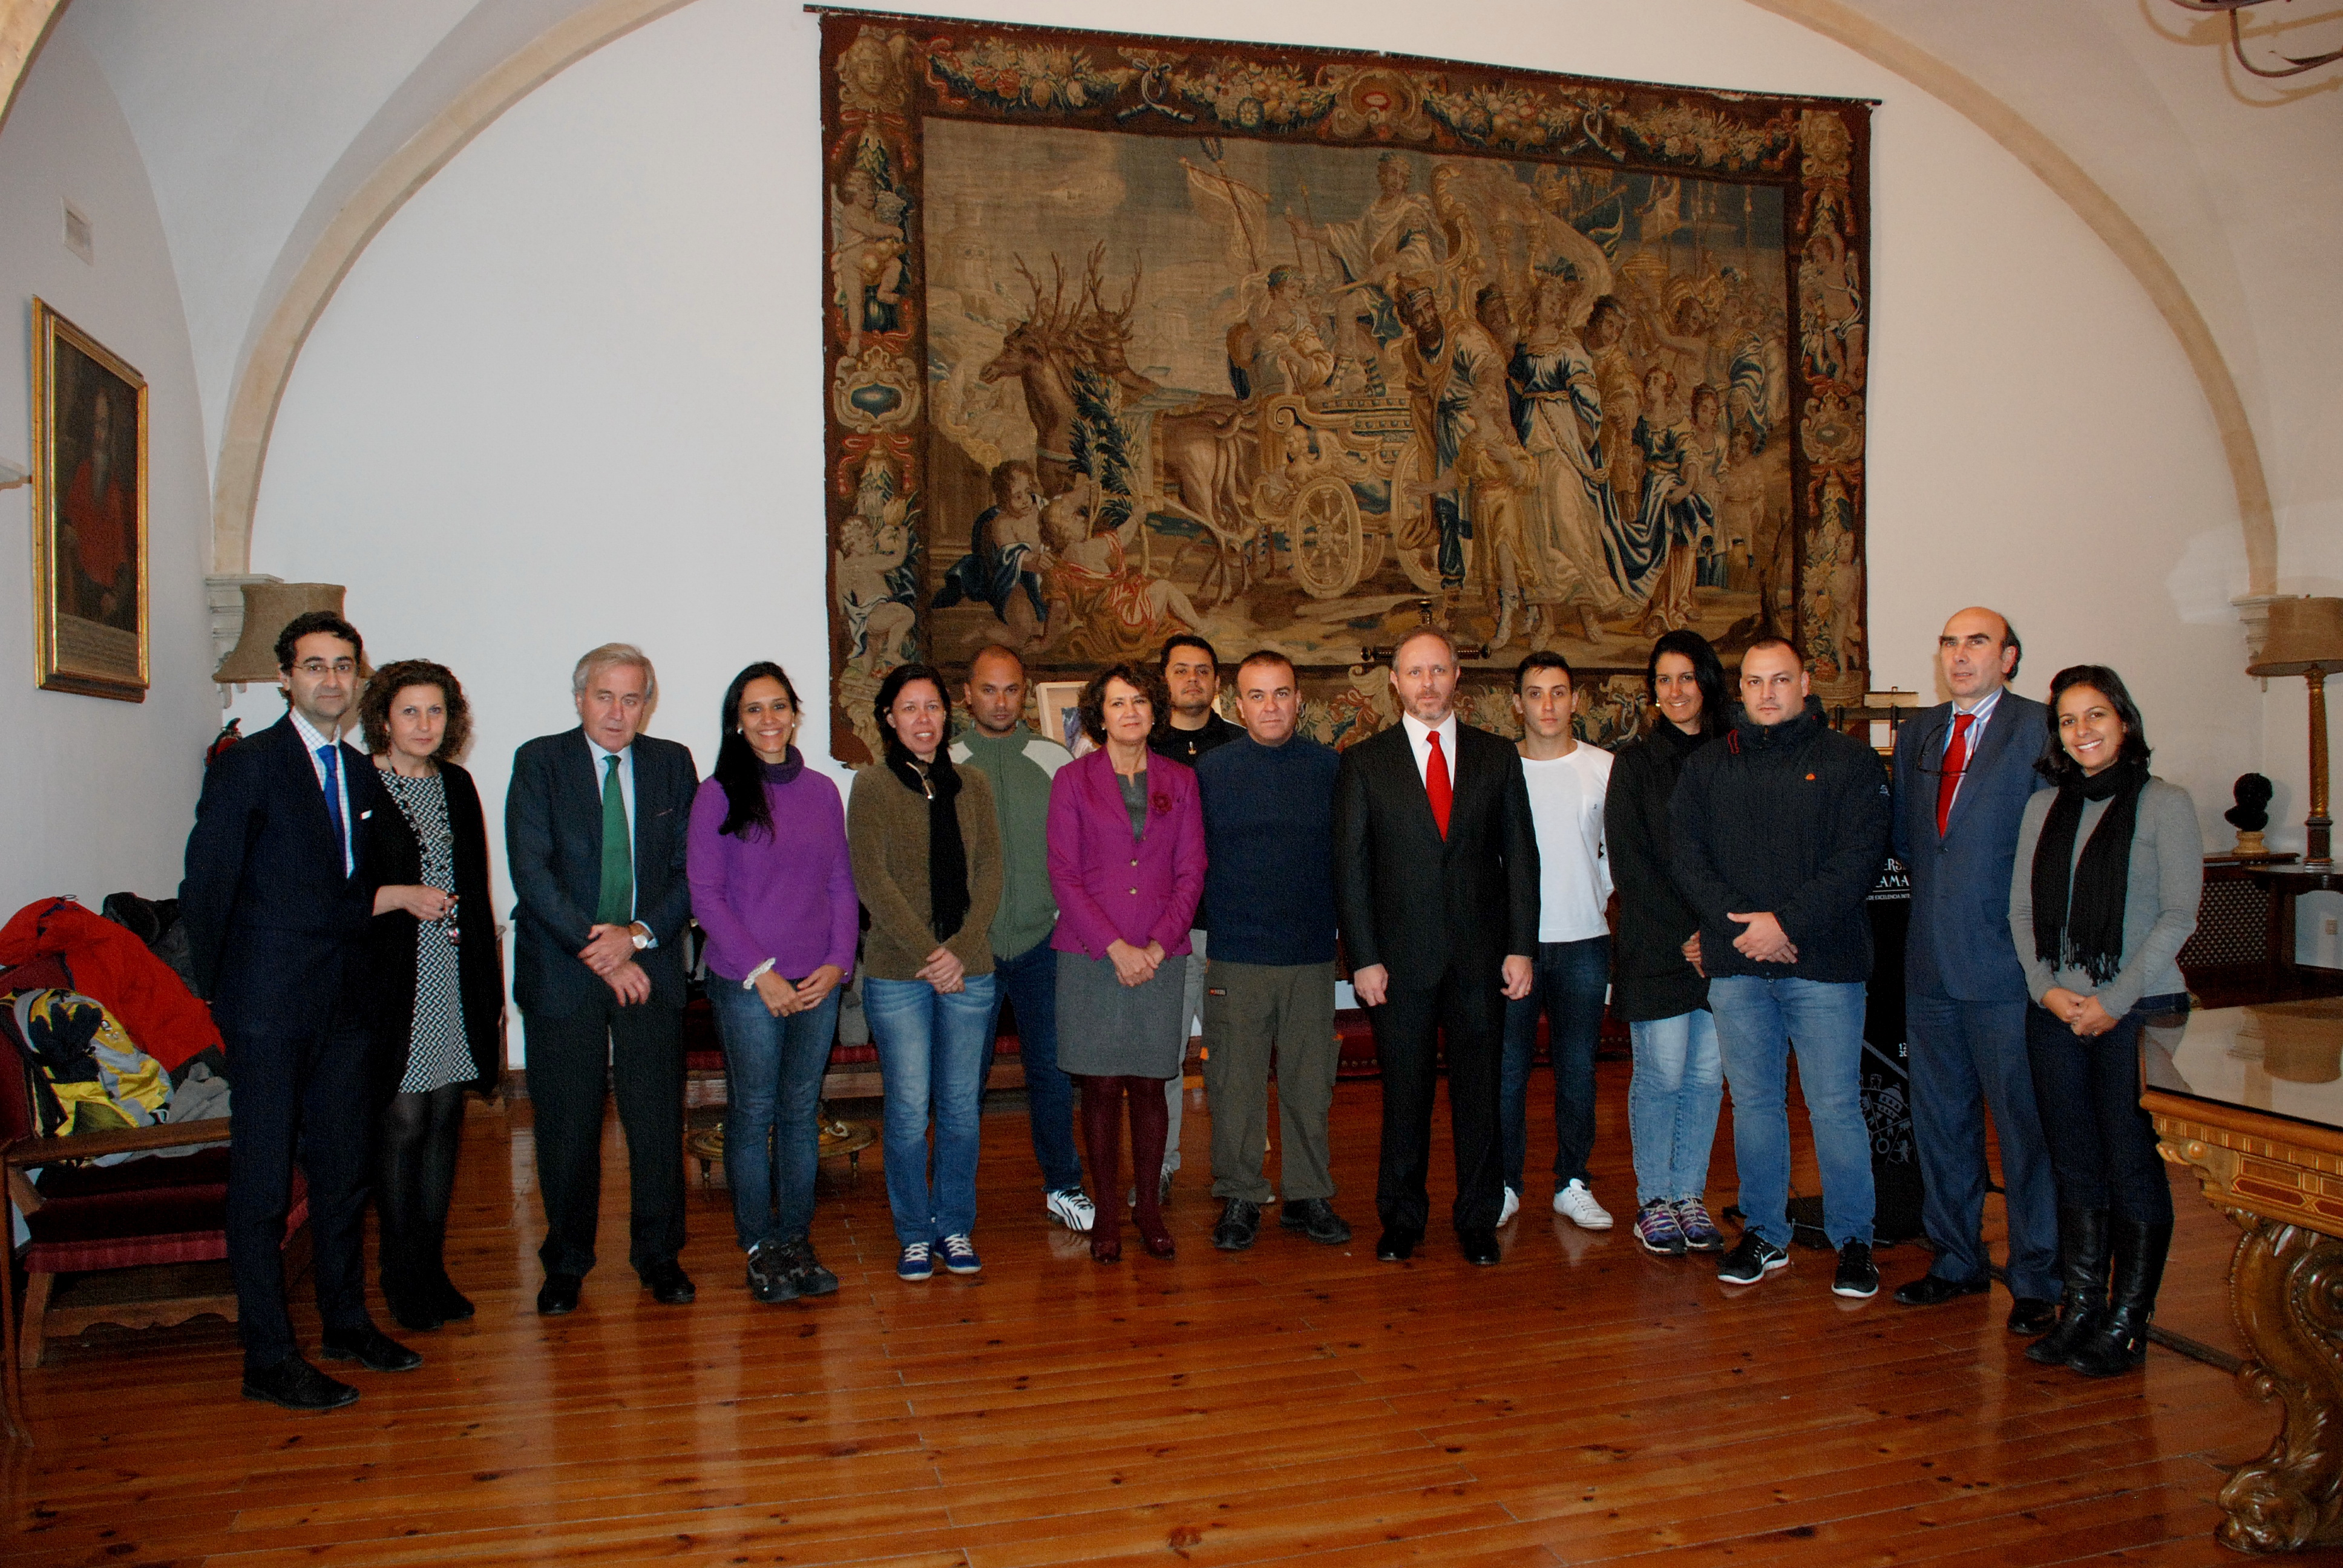 La Universidad de Salamanca recibe a 10 miembros de los cuerpos de seguridad de Brasil participantes del Programa Top España